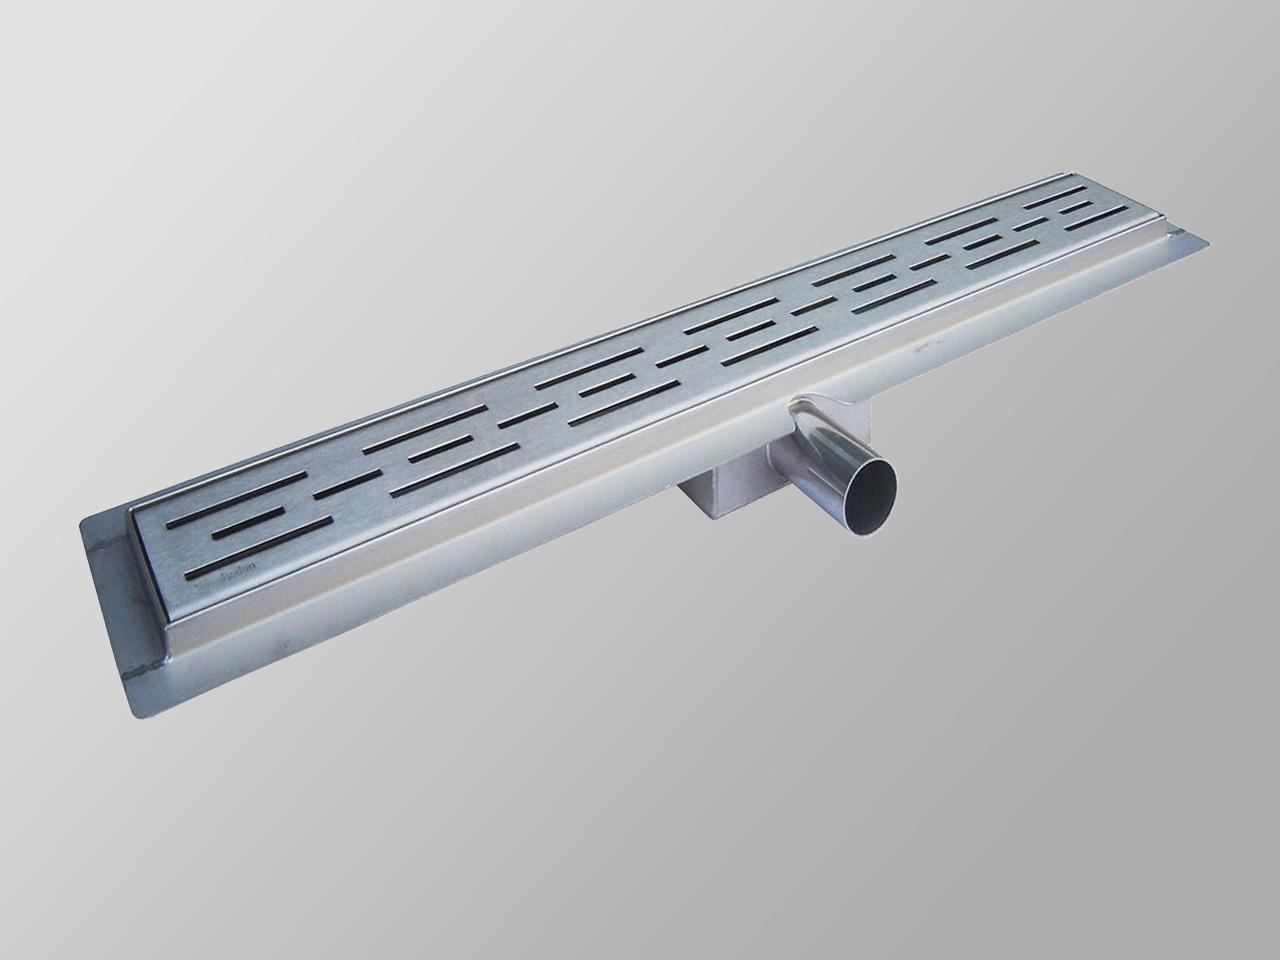 edelstahl-duschrinne 70 cm - alphabad